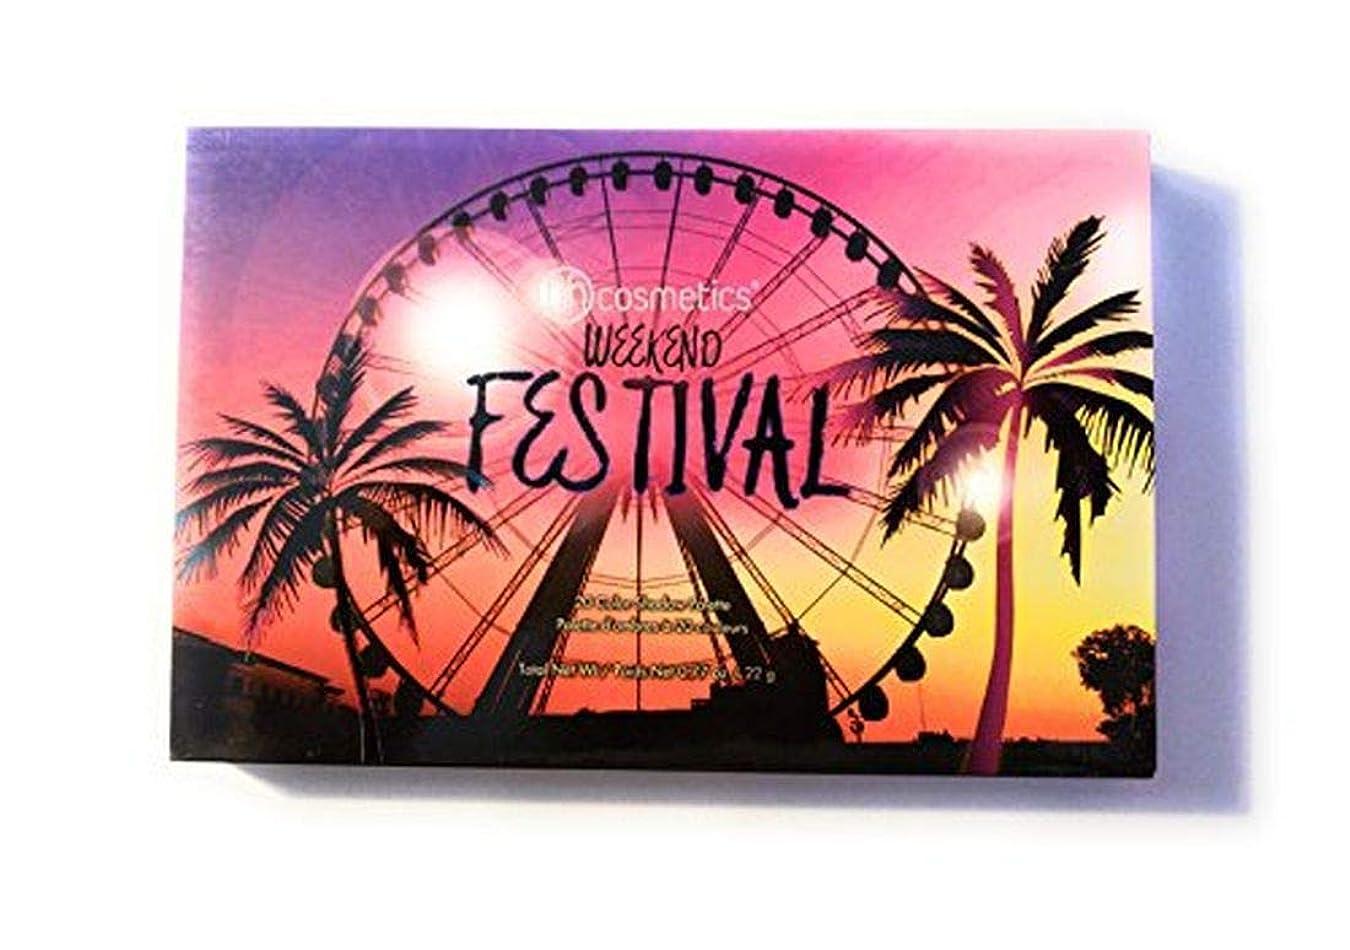 原因絞る異邦人BH Cosmetics Weekend Festival - 20 Color Shadow Palette